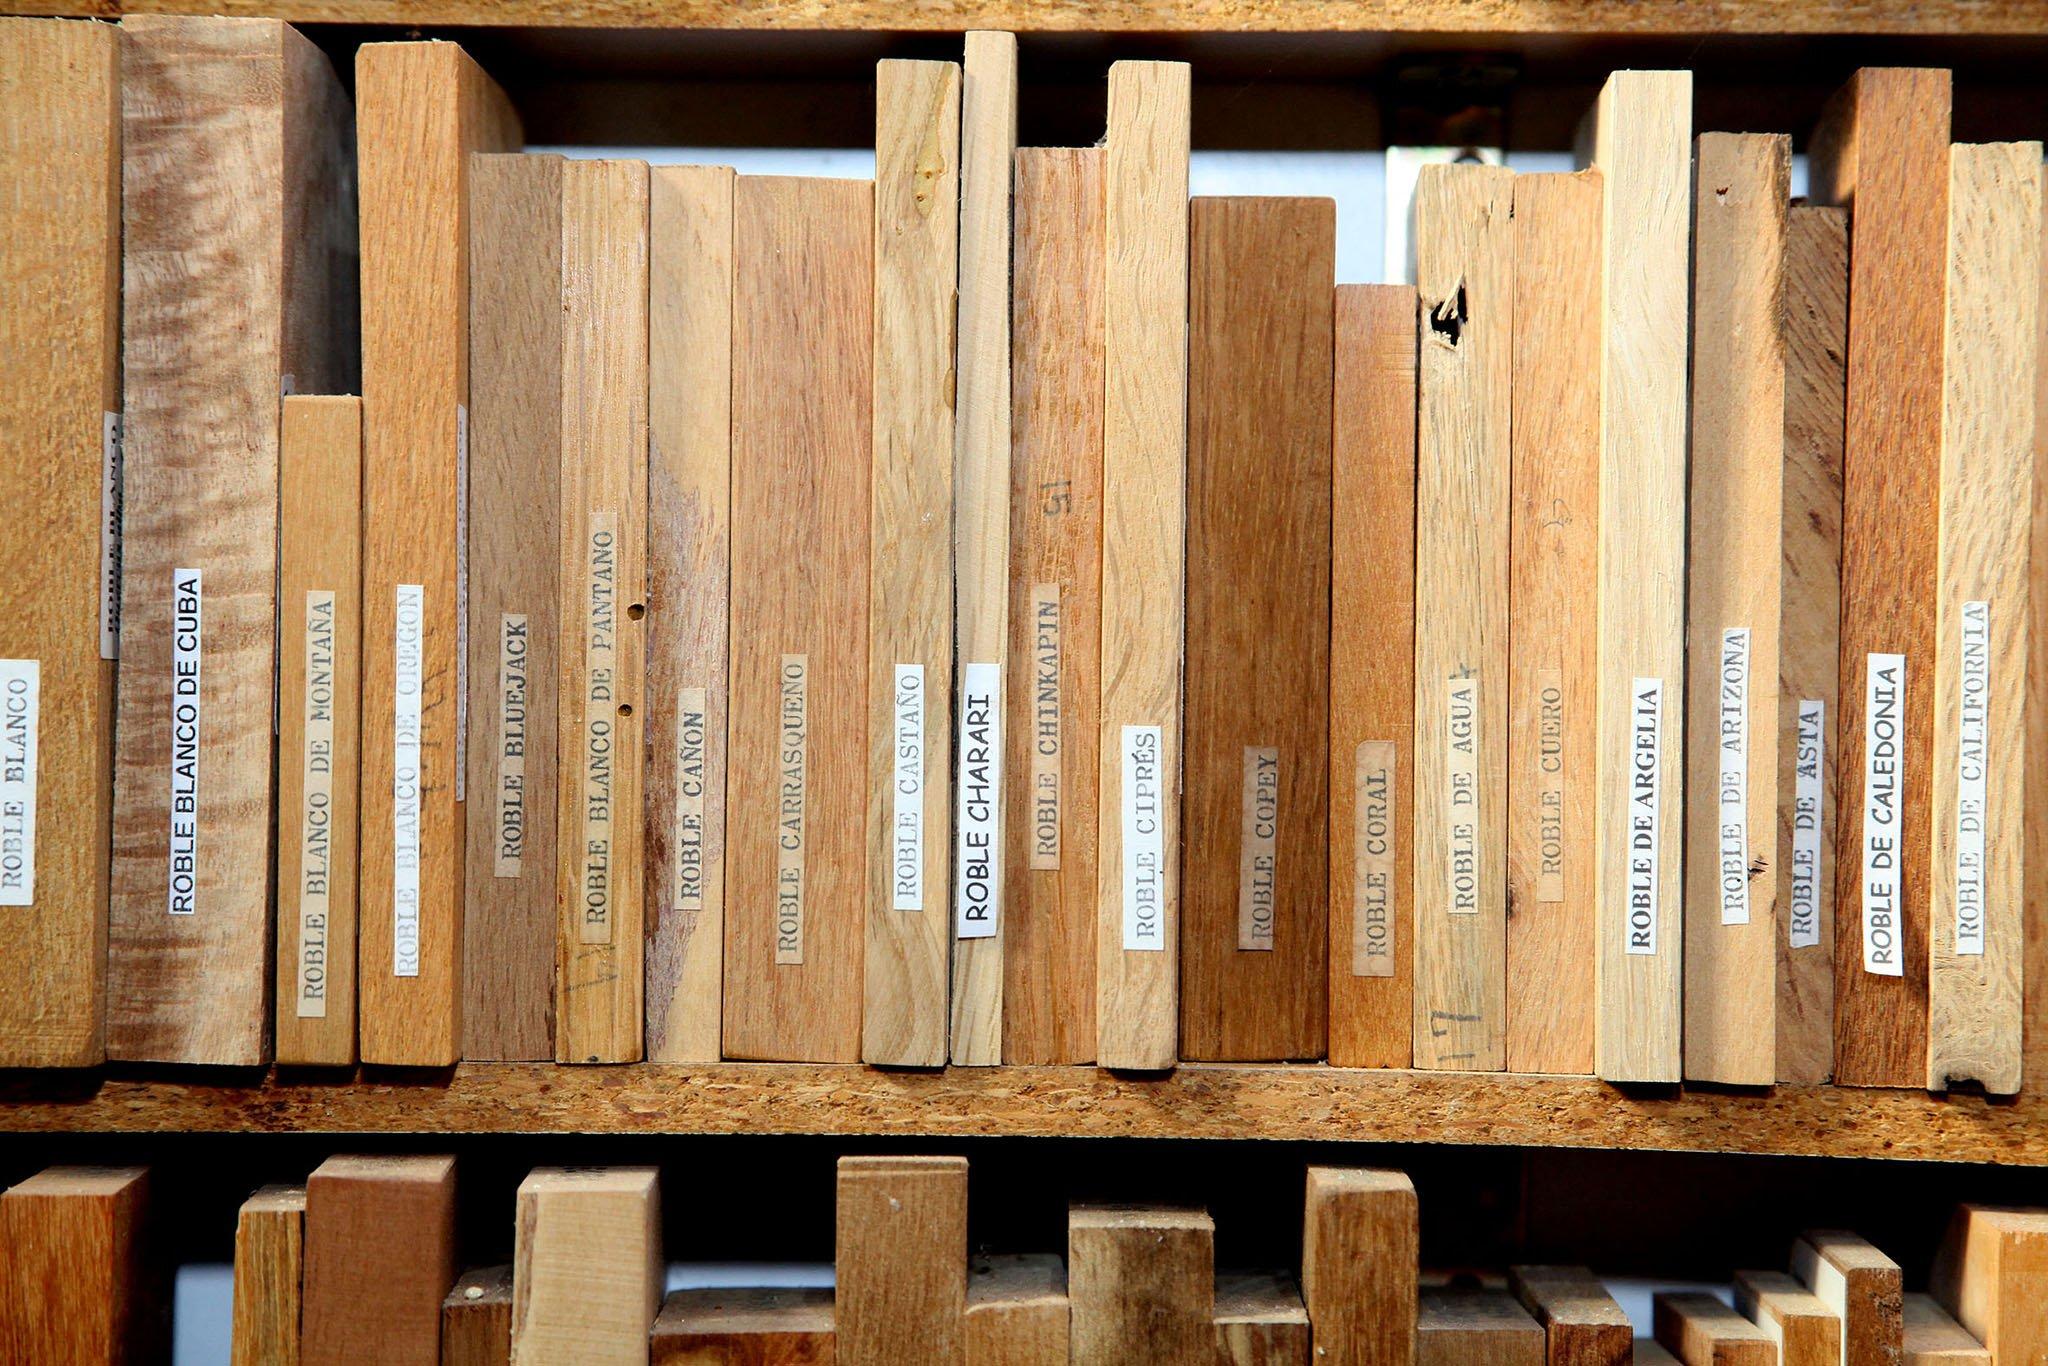 Piezas expuestas entre las estanterías